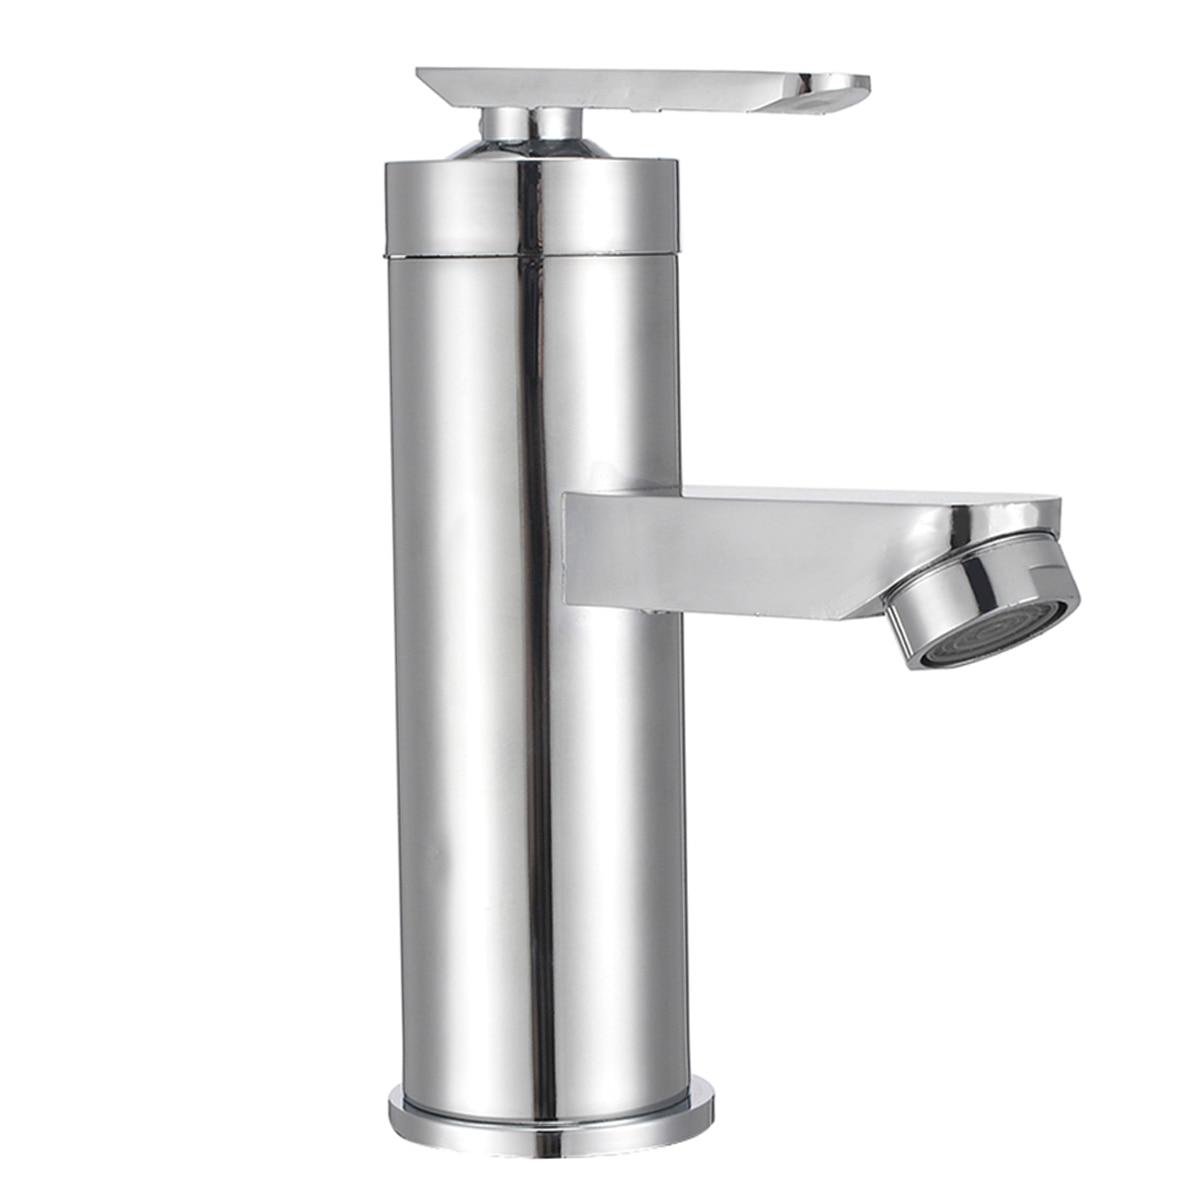 Mayitr хромированный кран для раковины с водопадом, кран для раковины с одной ручкой, кран для холодной и горячей воды, кран для ванной комнаты, ...